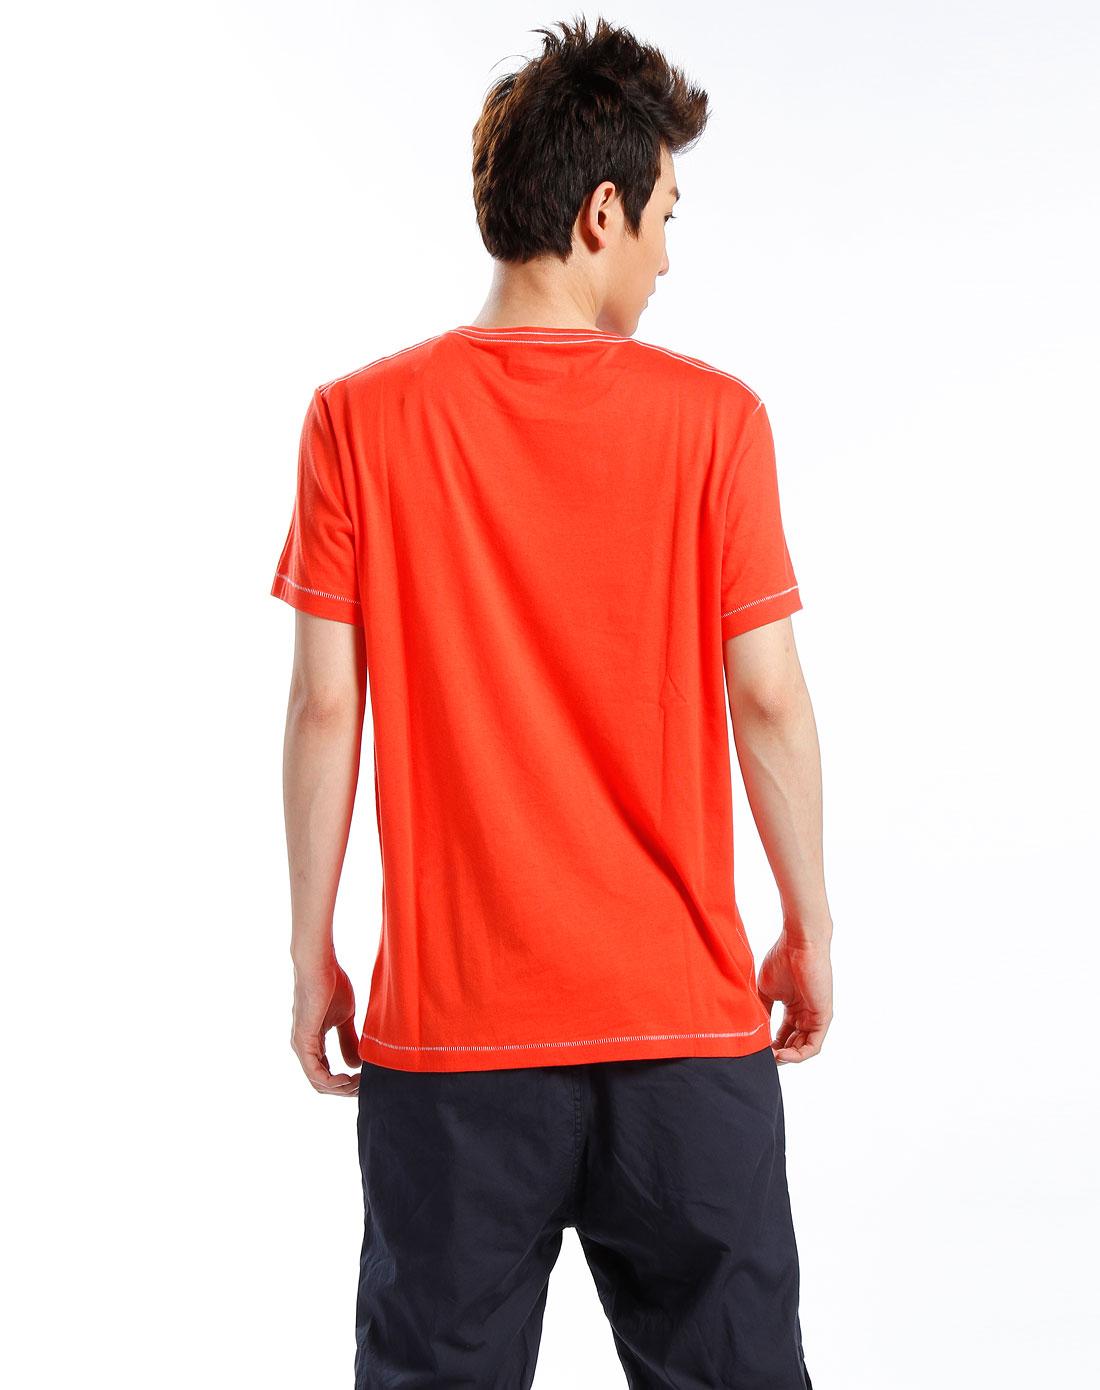 男款橘红色圆领短袖t恤